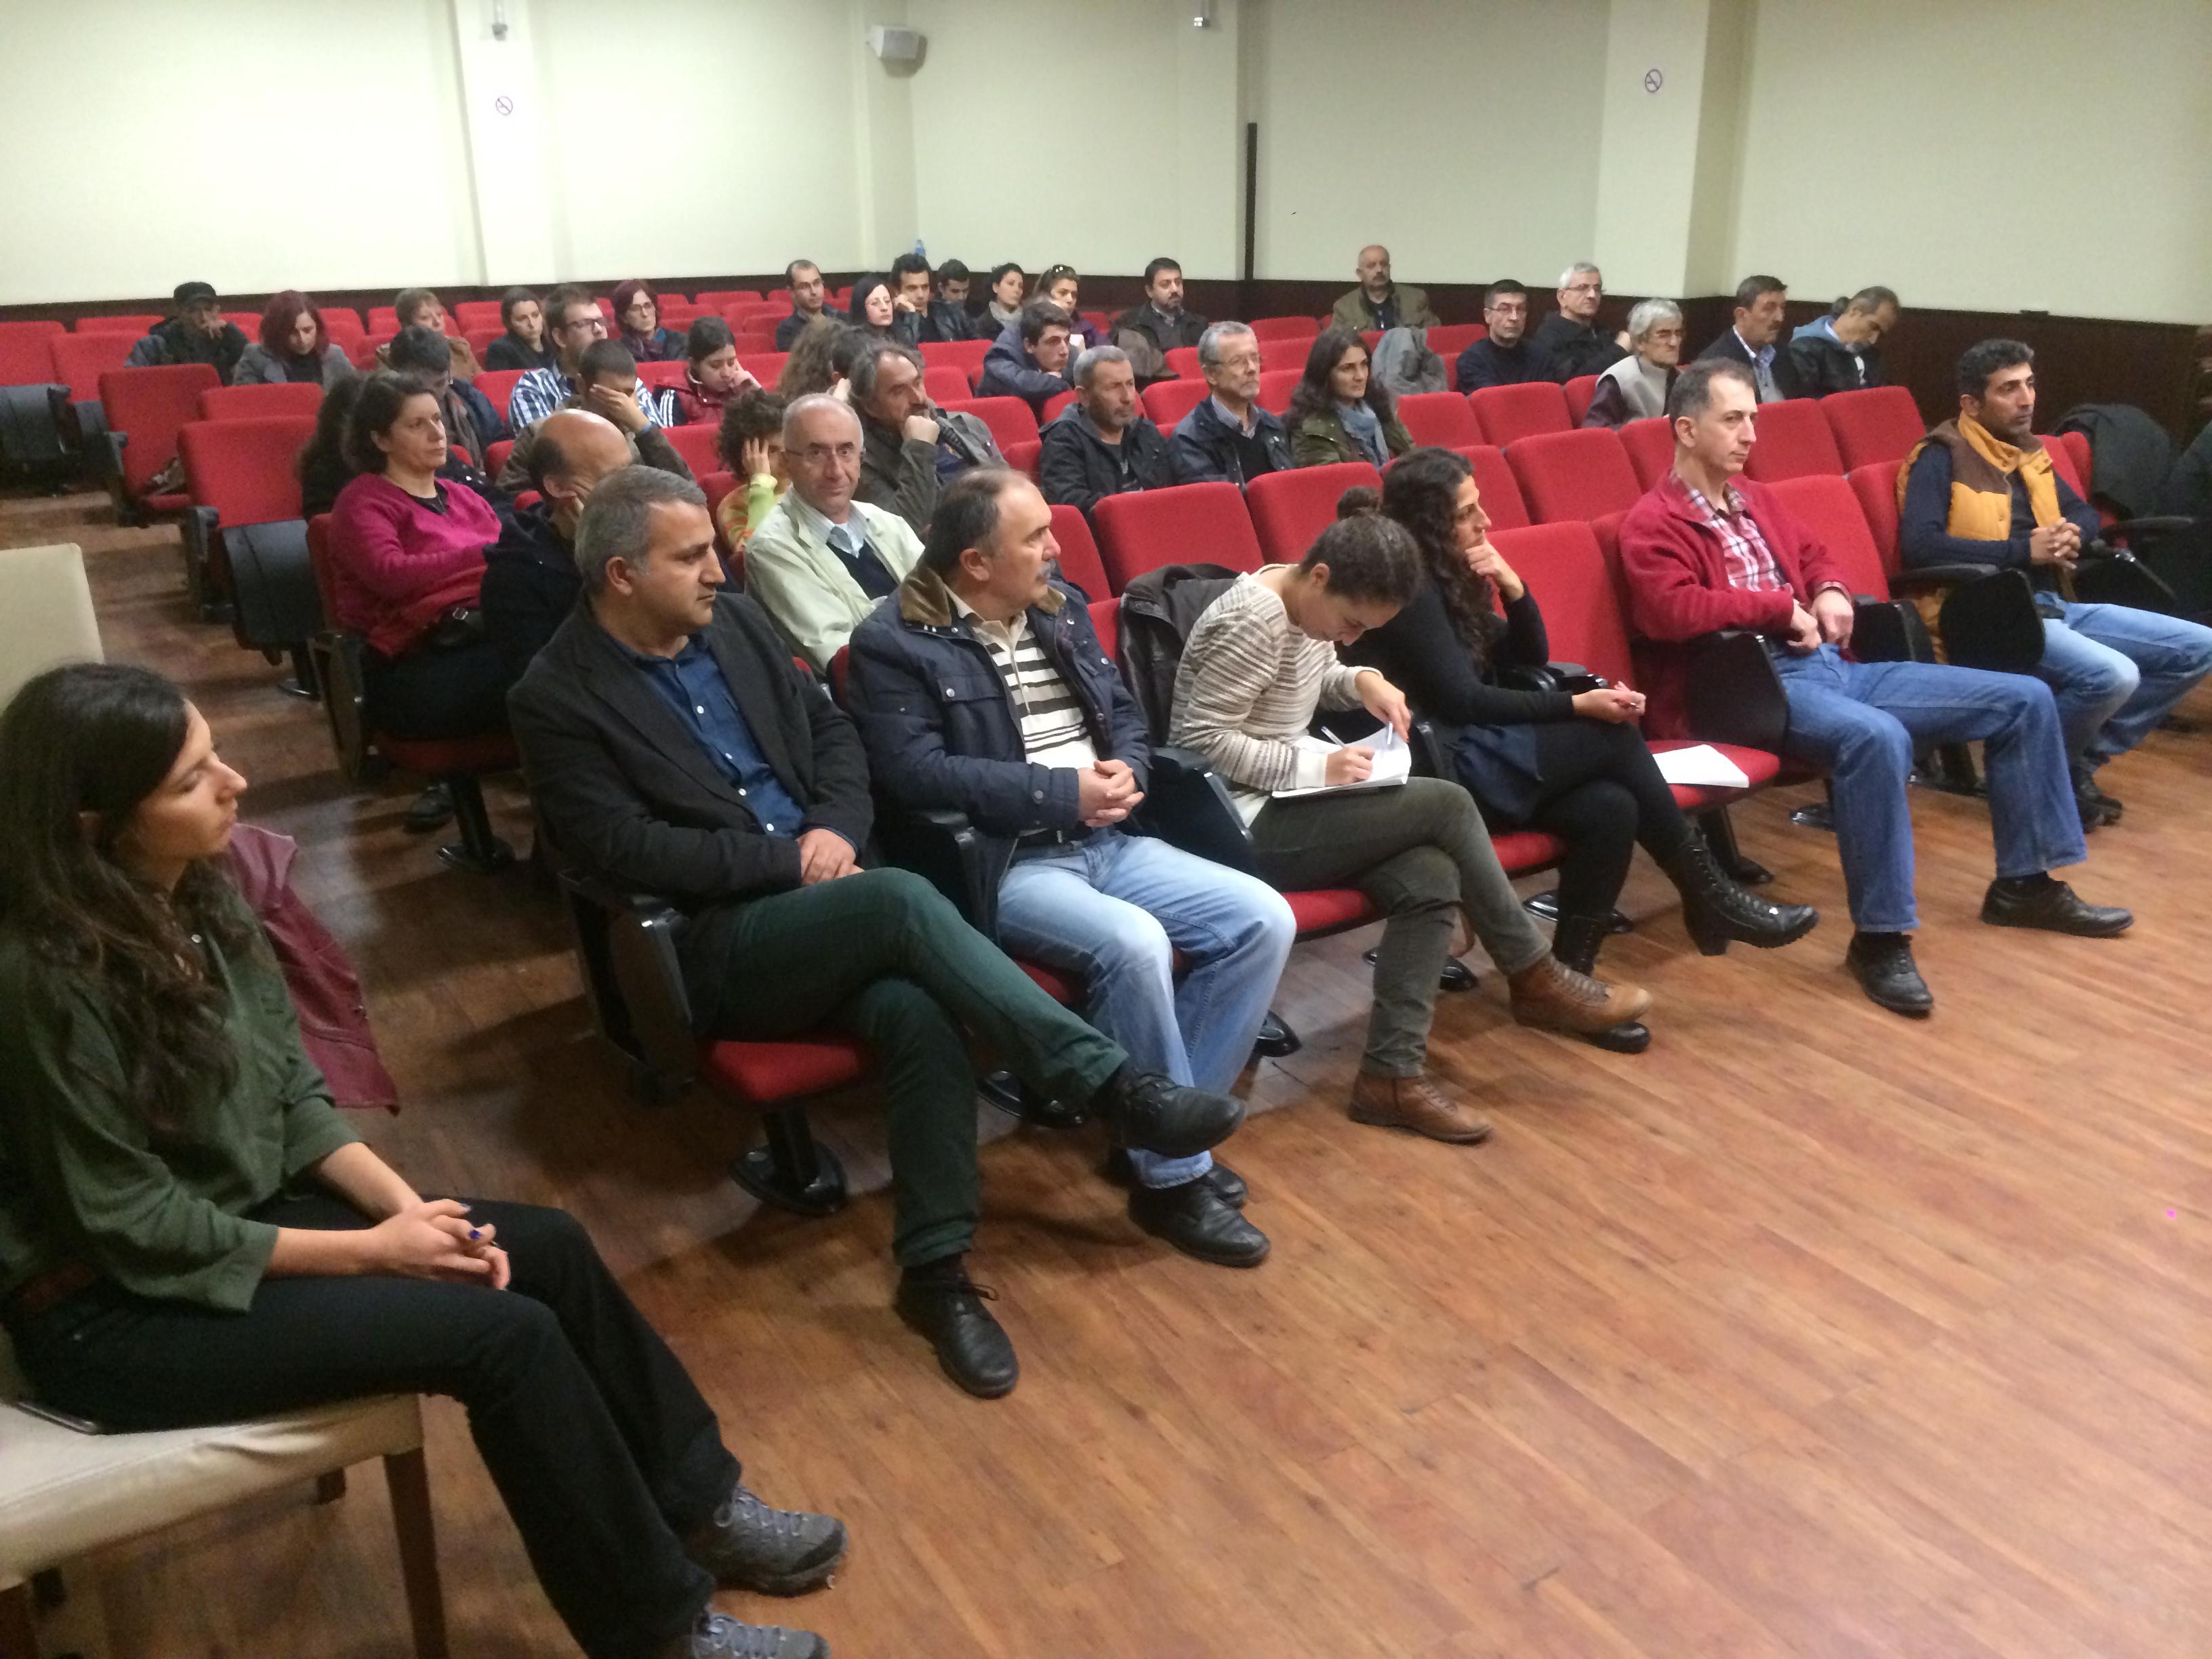 Marmara Çevre Mitingi için Bursa'da ve İzmit'teydik